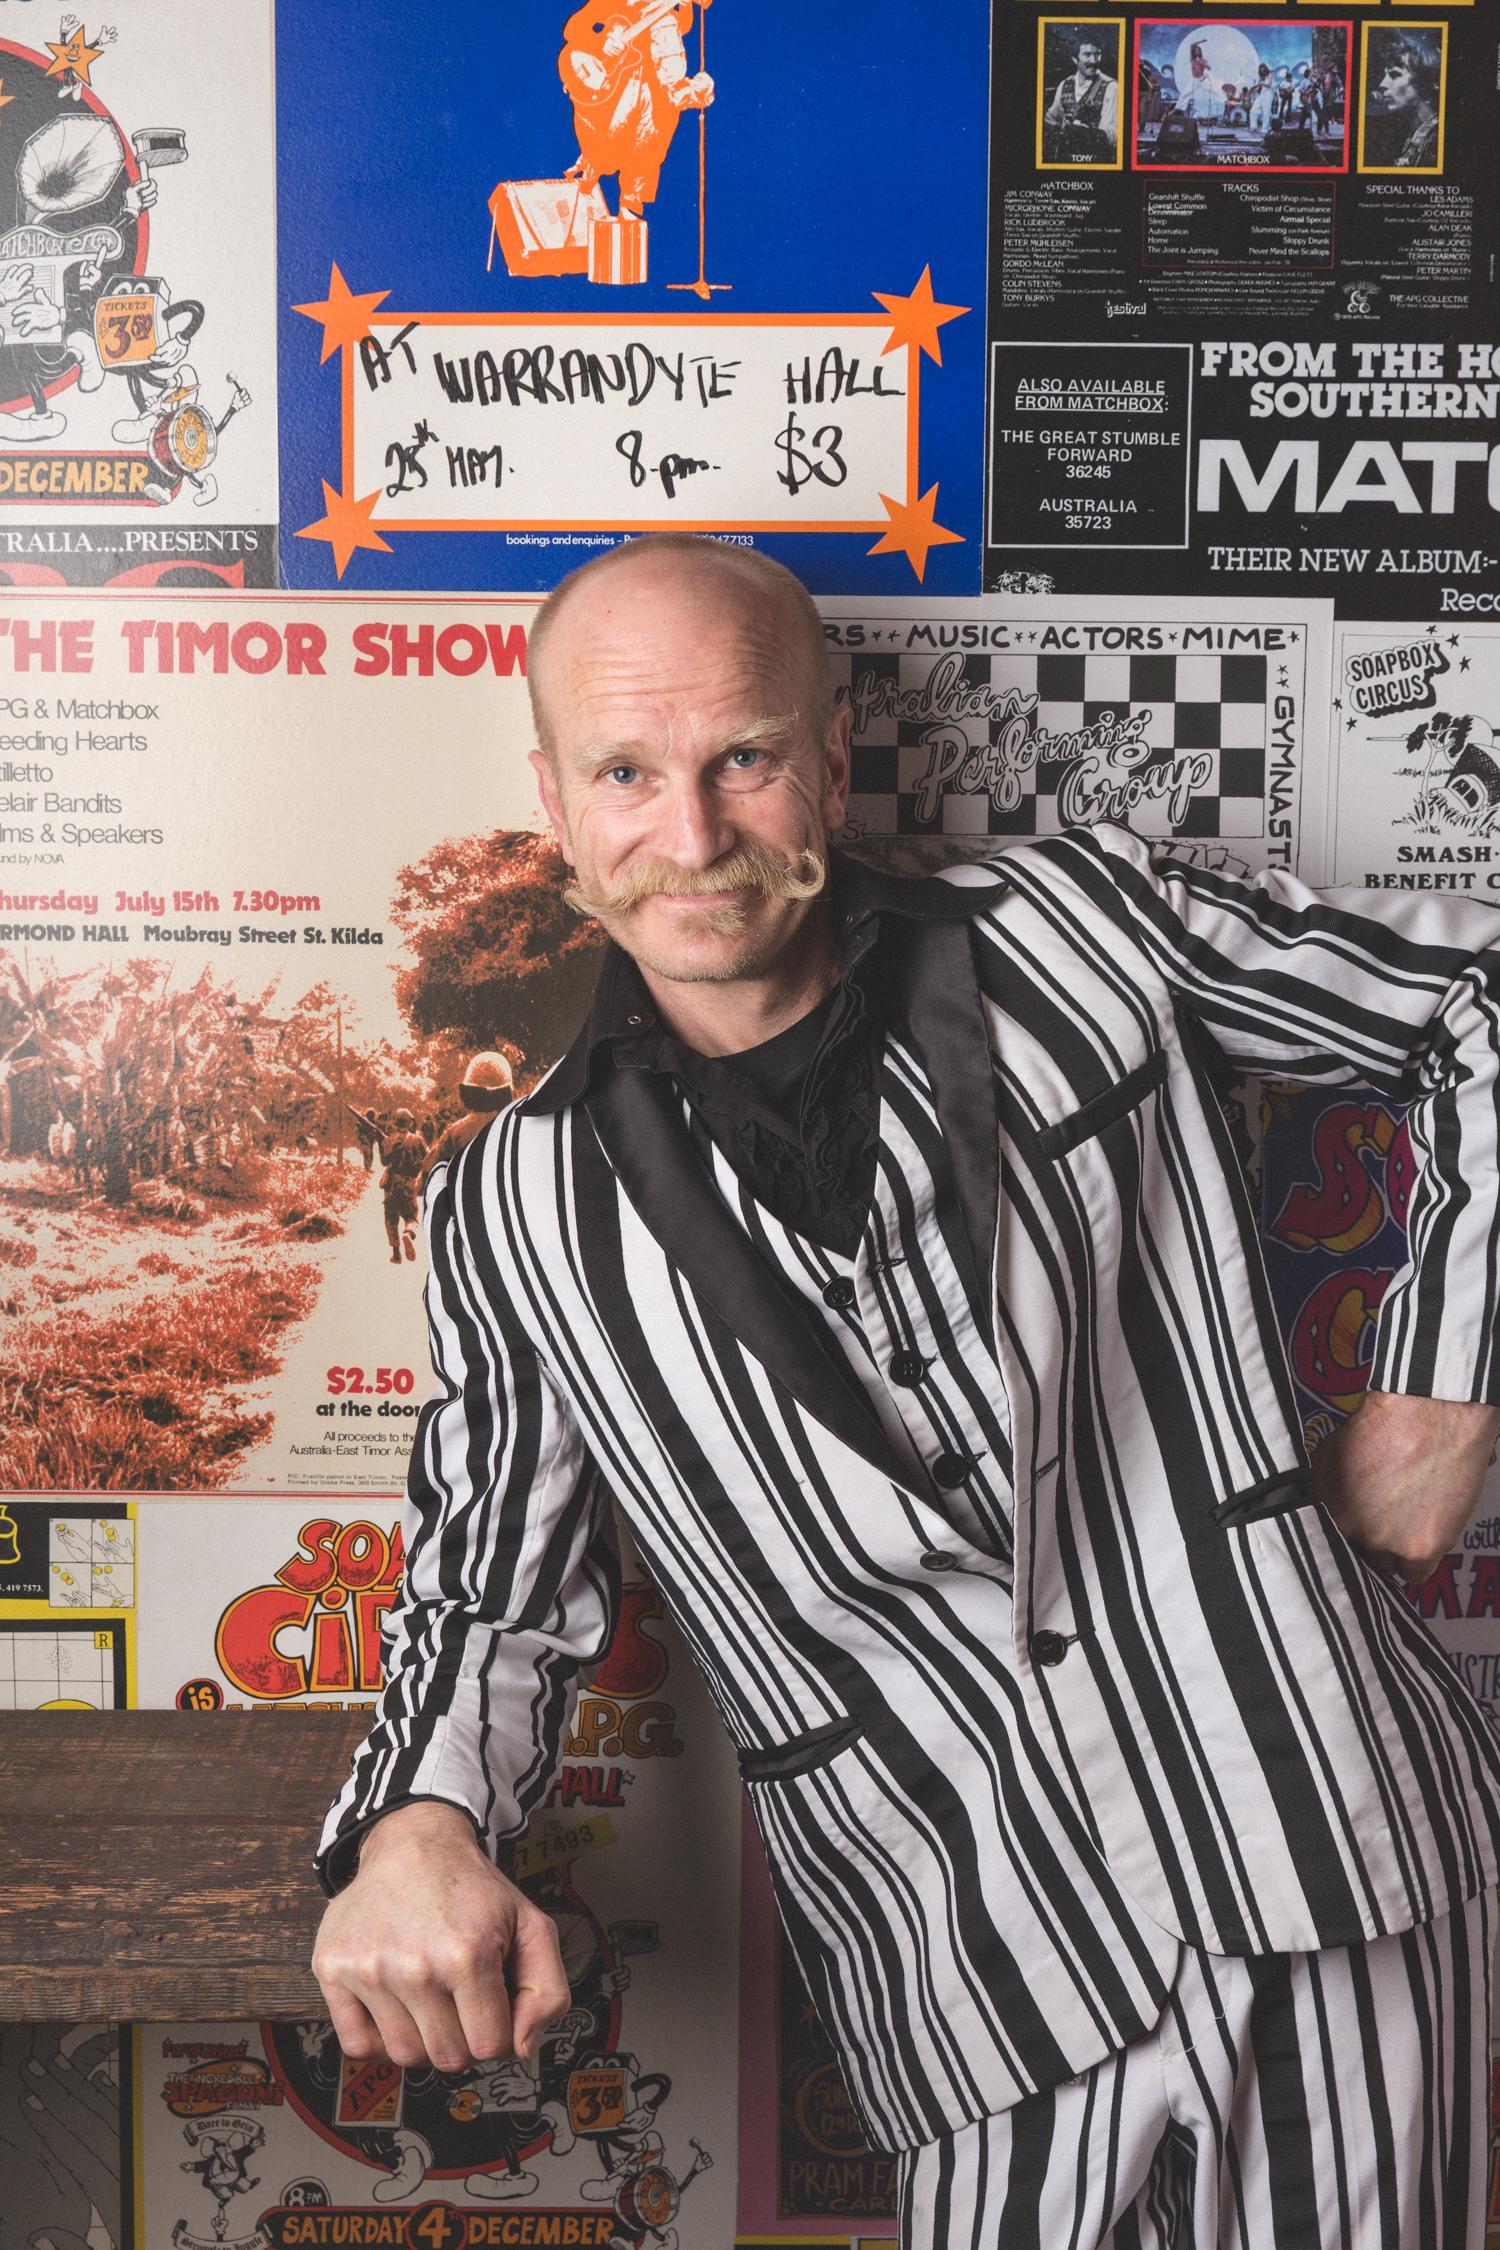 matt wilson - Circus performer